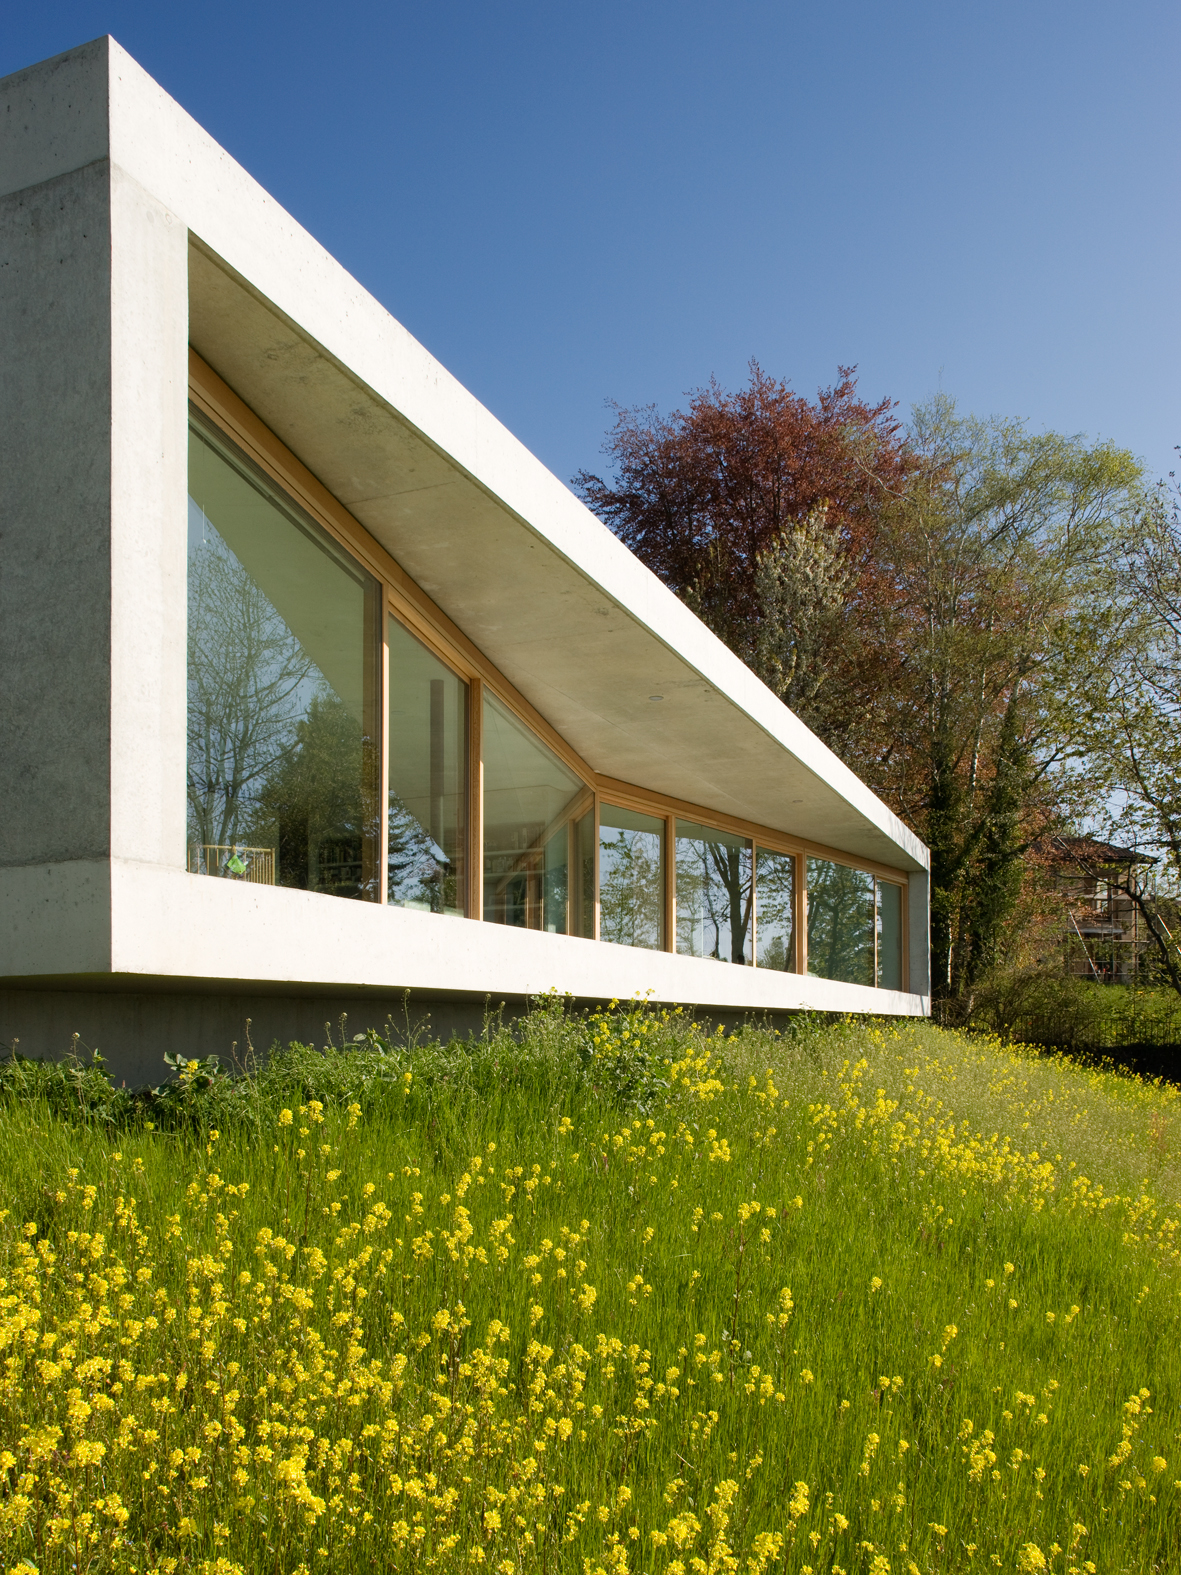 Gauthier House / bauzeit architekten, © Yves André